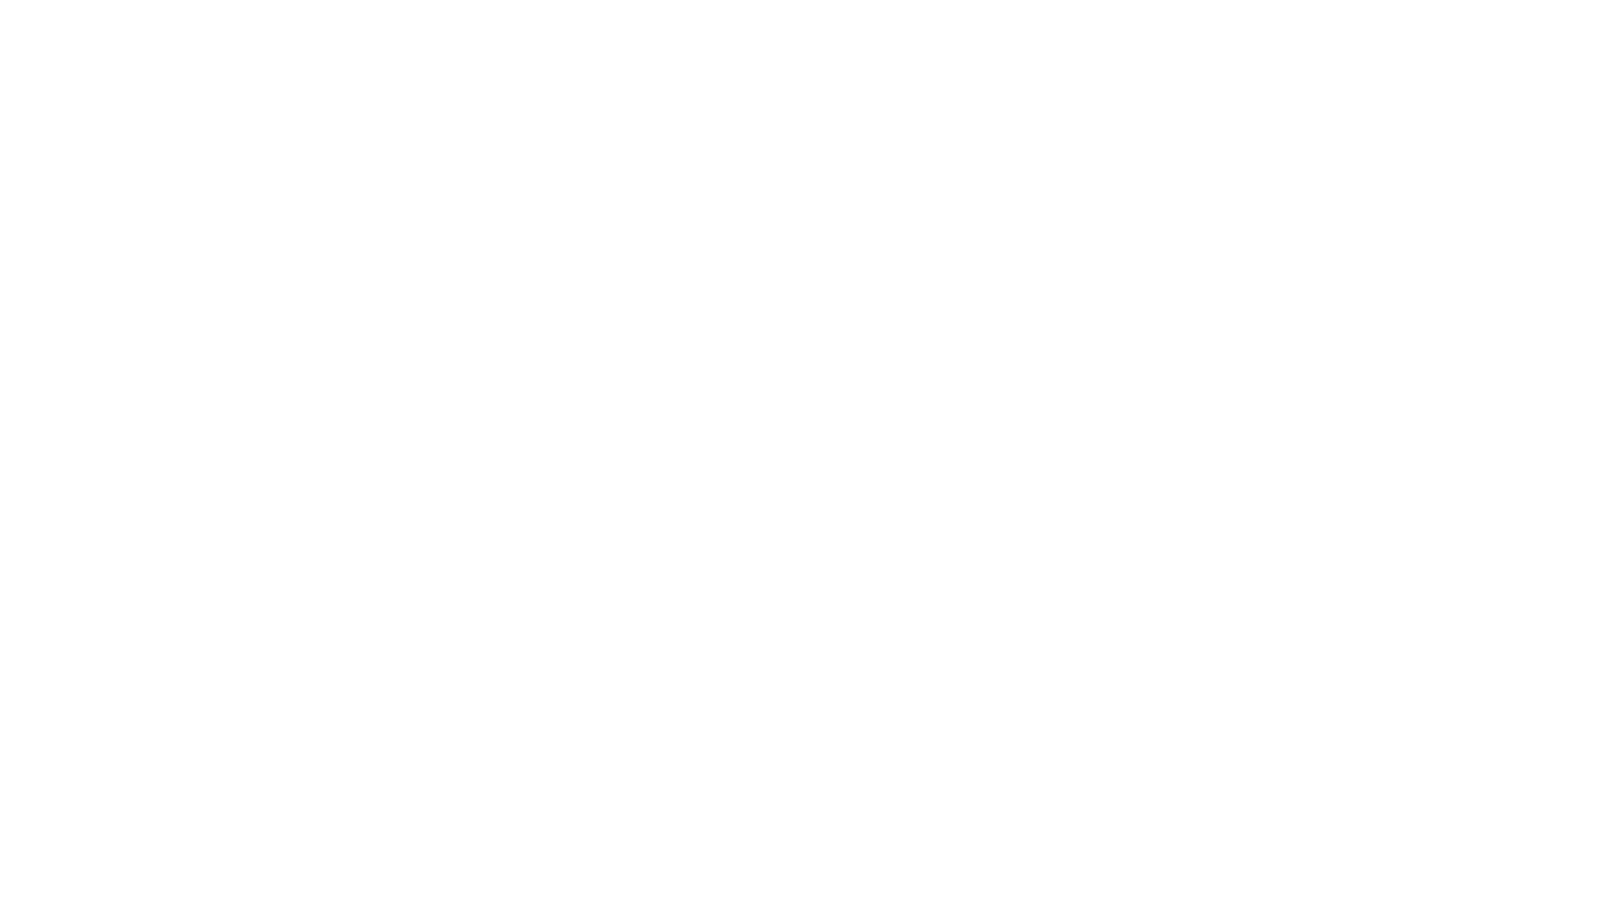 Sea Doo RXPX 260 2014 2 places avec 106h, model ultra puissant, maniable et agile, en très bonne condition. Remorque neuve ou usagée vendue séparément.  ➡️ STOCK #: 21178  🎥 Visionnez la vidéo du véhicule ici: https://youtu.be/s9sVTQZK8rQ  :: VISITEZ NOTRE INVENTAIRE COMPLET SUR NOTRE SITE WEB::  💥 WWW.KDFSPORTS.COM 💥  ☎️ 514-880-6585 📞 PRISE DE RDV OBLIGATOIRE !! :: APPELEZ-NOUS :: NOUS SOMMES DÉMÉNAGÉS ::   💰 Financement disponible à 81,78$/Semaines ou 355,25$/Mois ou 14499$ +Taxes FERME  🔴 Chez KDF Sports Inc. nous vous offrons une variété de véhicules usagés au meilleur prix! Prix compétitifs, nous n'avons pas de frais cachés, nous ne sommes pas négociable!   🔴 Nous offrons les produits de garantie mécanique d'Industrielle Alliance, disponible sur certains véhicules. Demandez plus d'informations lors de votre achat! PRIX À PARTIR DE 5$/SEMAINES.  💲FINANCEMENT :: 5,68% (certaines conditions s'appliquent selon la banque et le véhicule)  -Financement Desjardins -Financement Scotia -1ère et 2e chance au crédit Vous pouvez faire votre demande de crédit avec Krystelle au 514-467-6568.